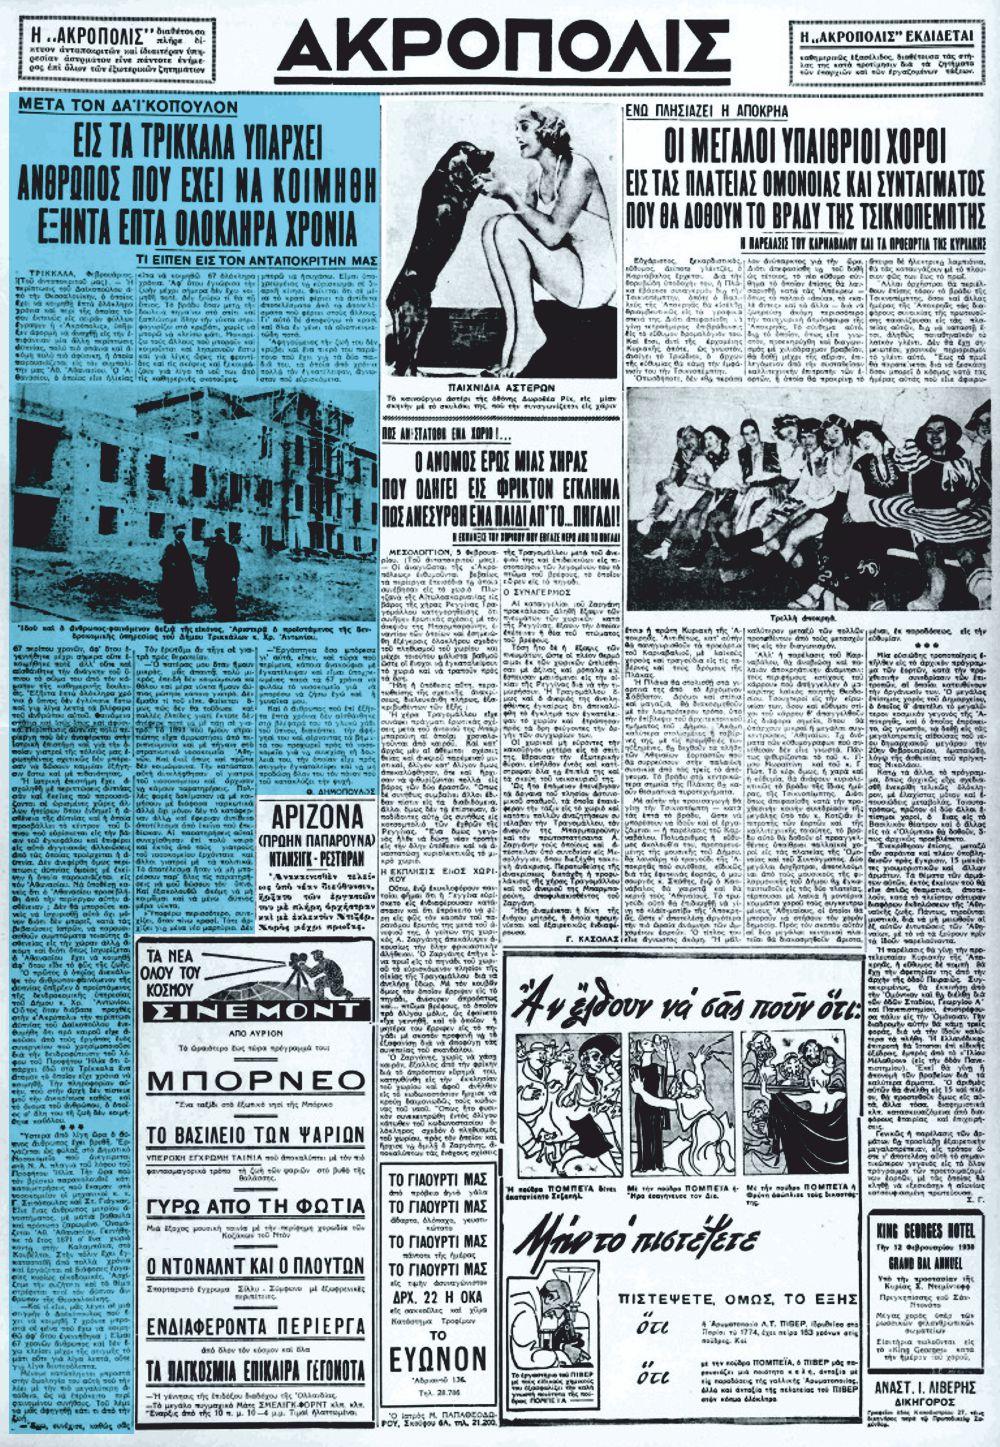 """Το άρθρο, όπως δημοσιεύθηκε στην εφημερίδα """"ΑΚΡΟΠΟΛΙΣ"""", στις 06/02/1938"""